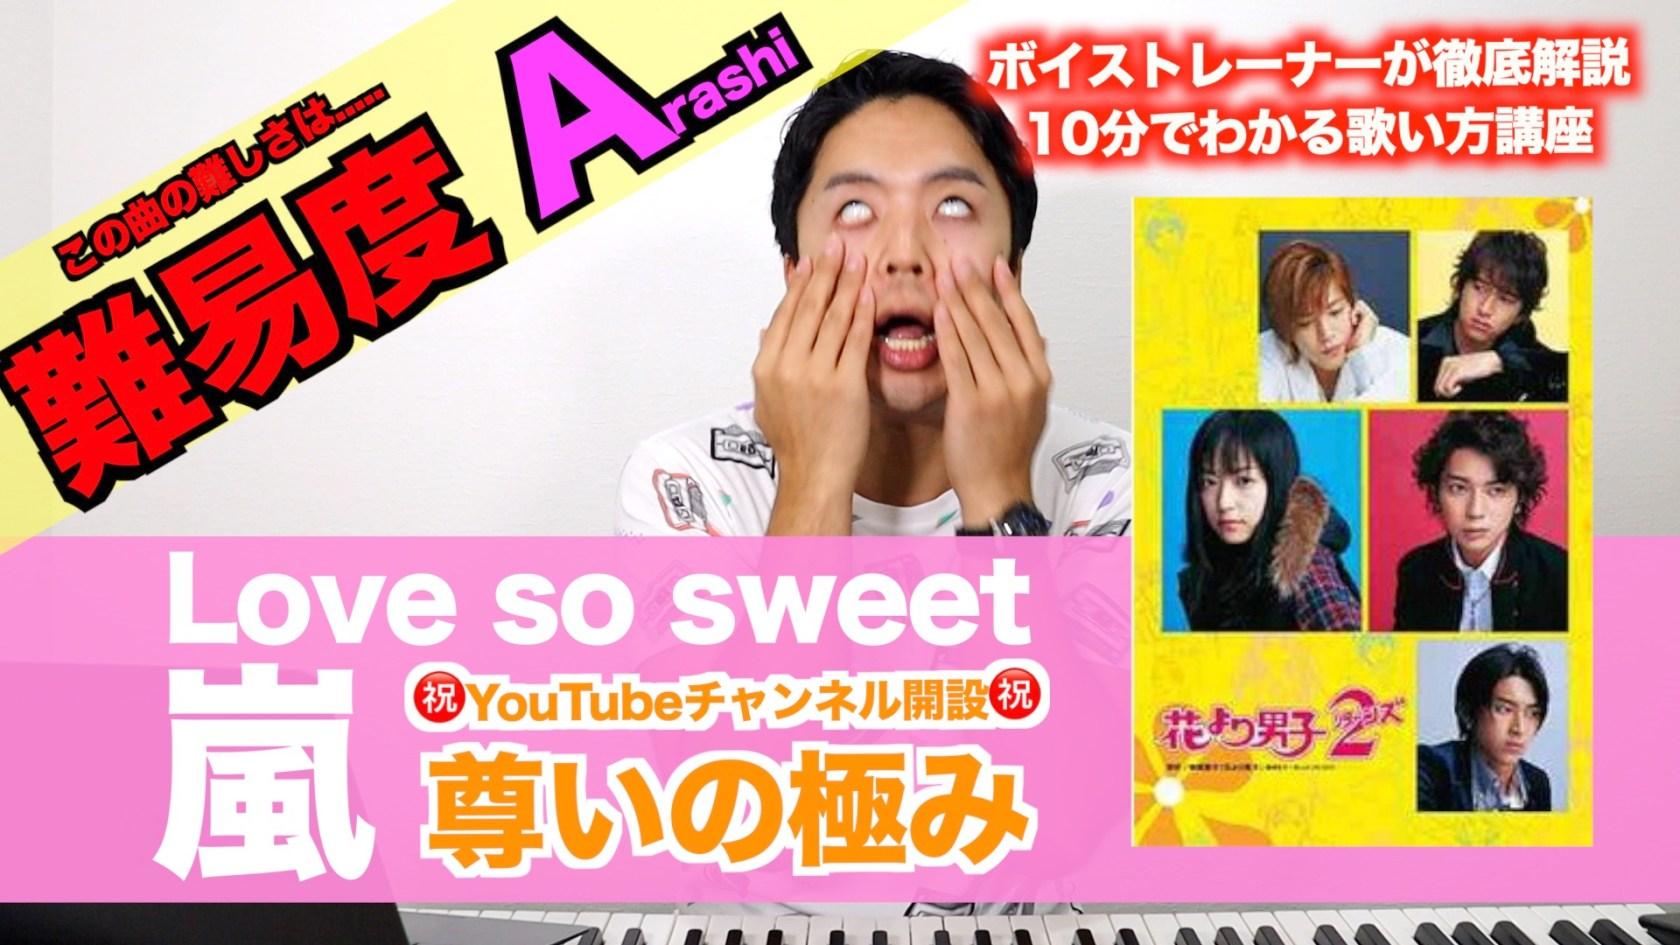 【歌い方】Love so sweet / 嵐(難易度Arashi)【歌が上手くなる歌唱分析シリーズ】